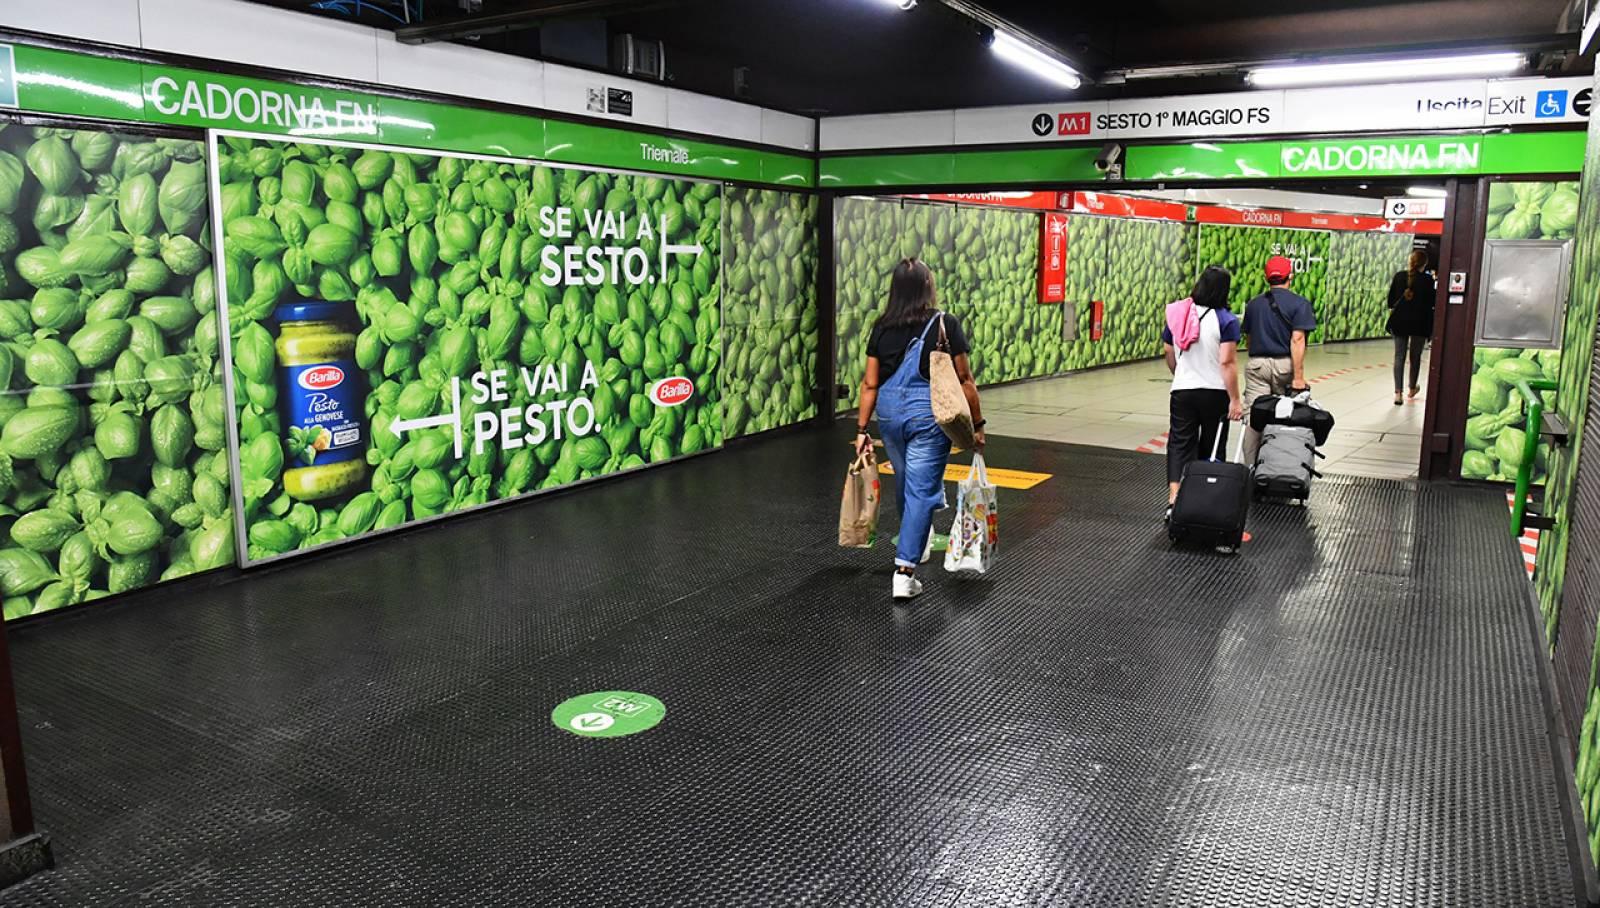 Pubblicità in metropolitana a Milano Cadorna Station Domination per Barilla IGPDecaux